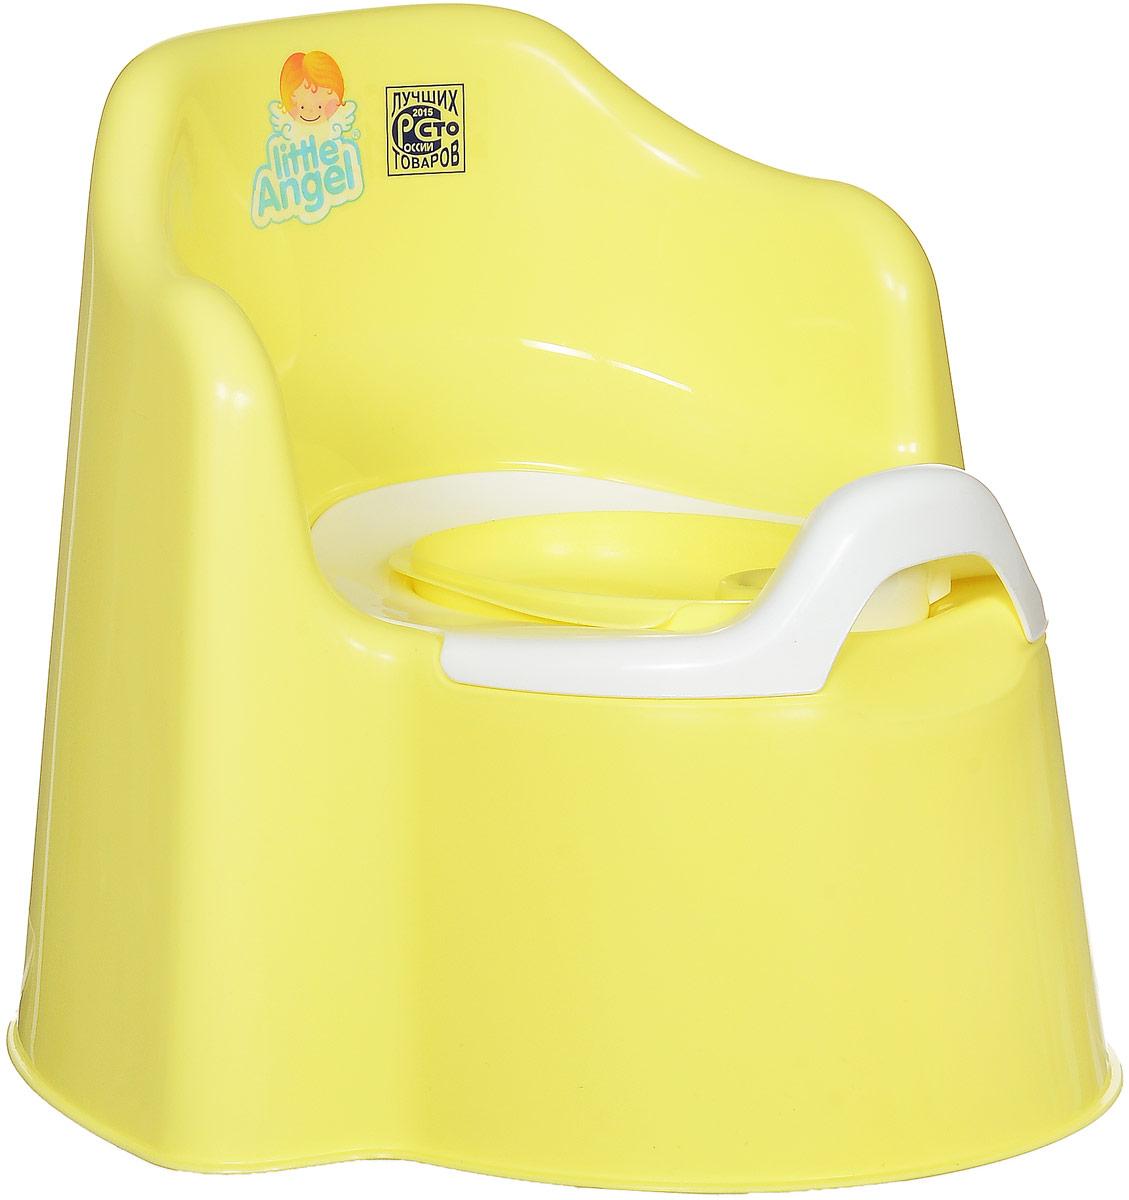 Little Angel Горшок детский Little King с крышкой цвет желтый -  Горшки и адаптеры для унитаза